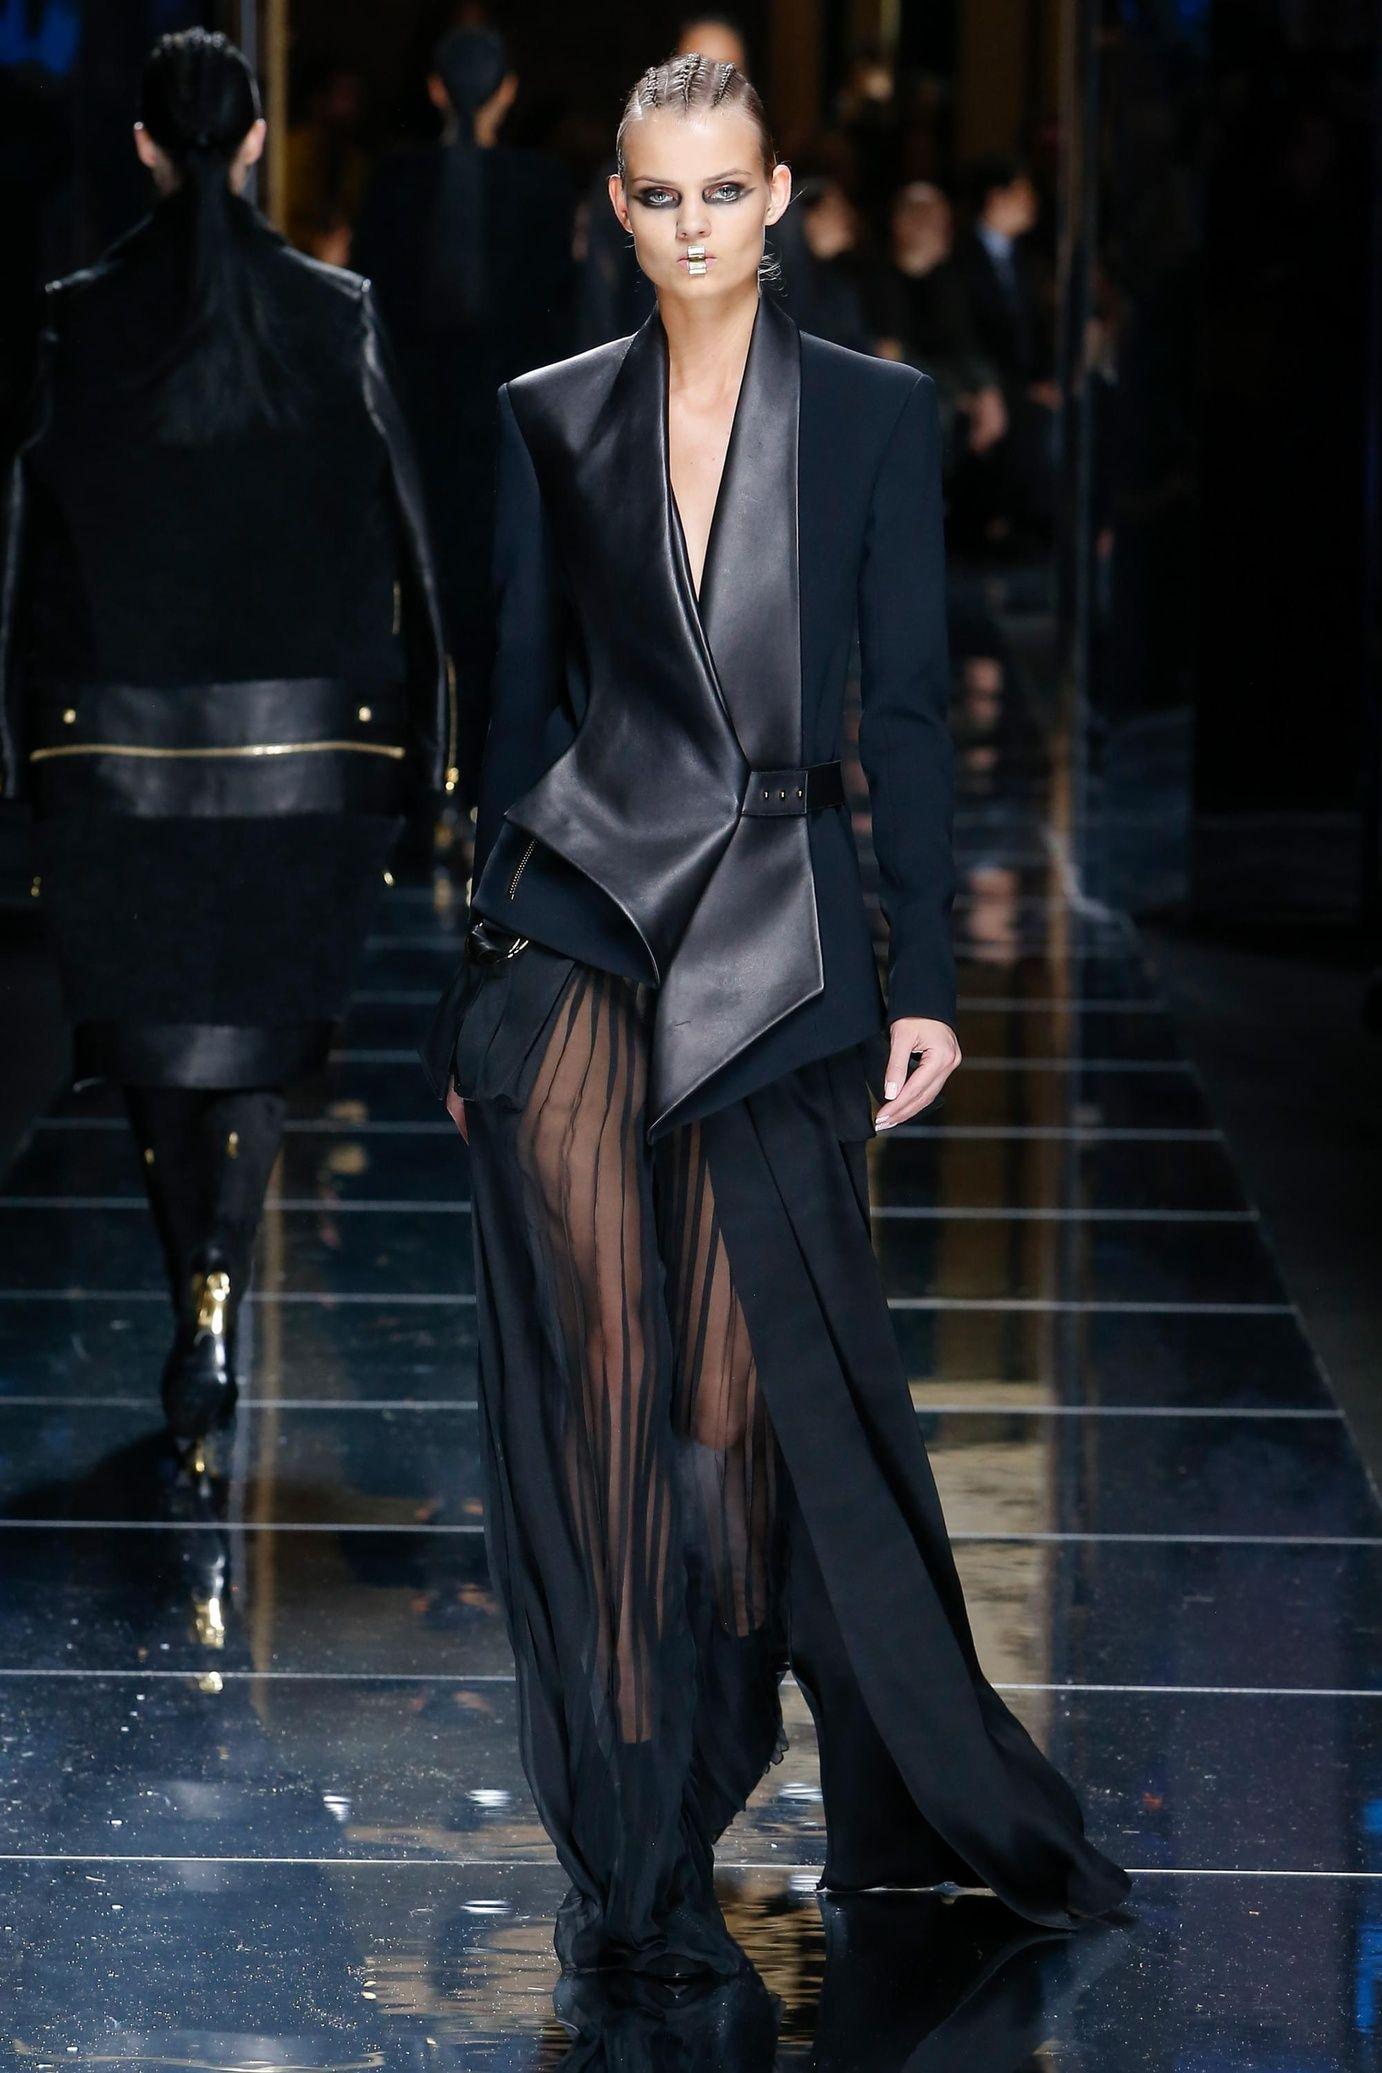 Défilés BALMAIN en 2019 Style couture, Idées de mode